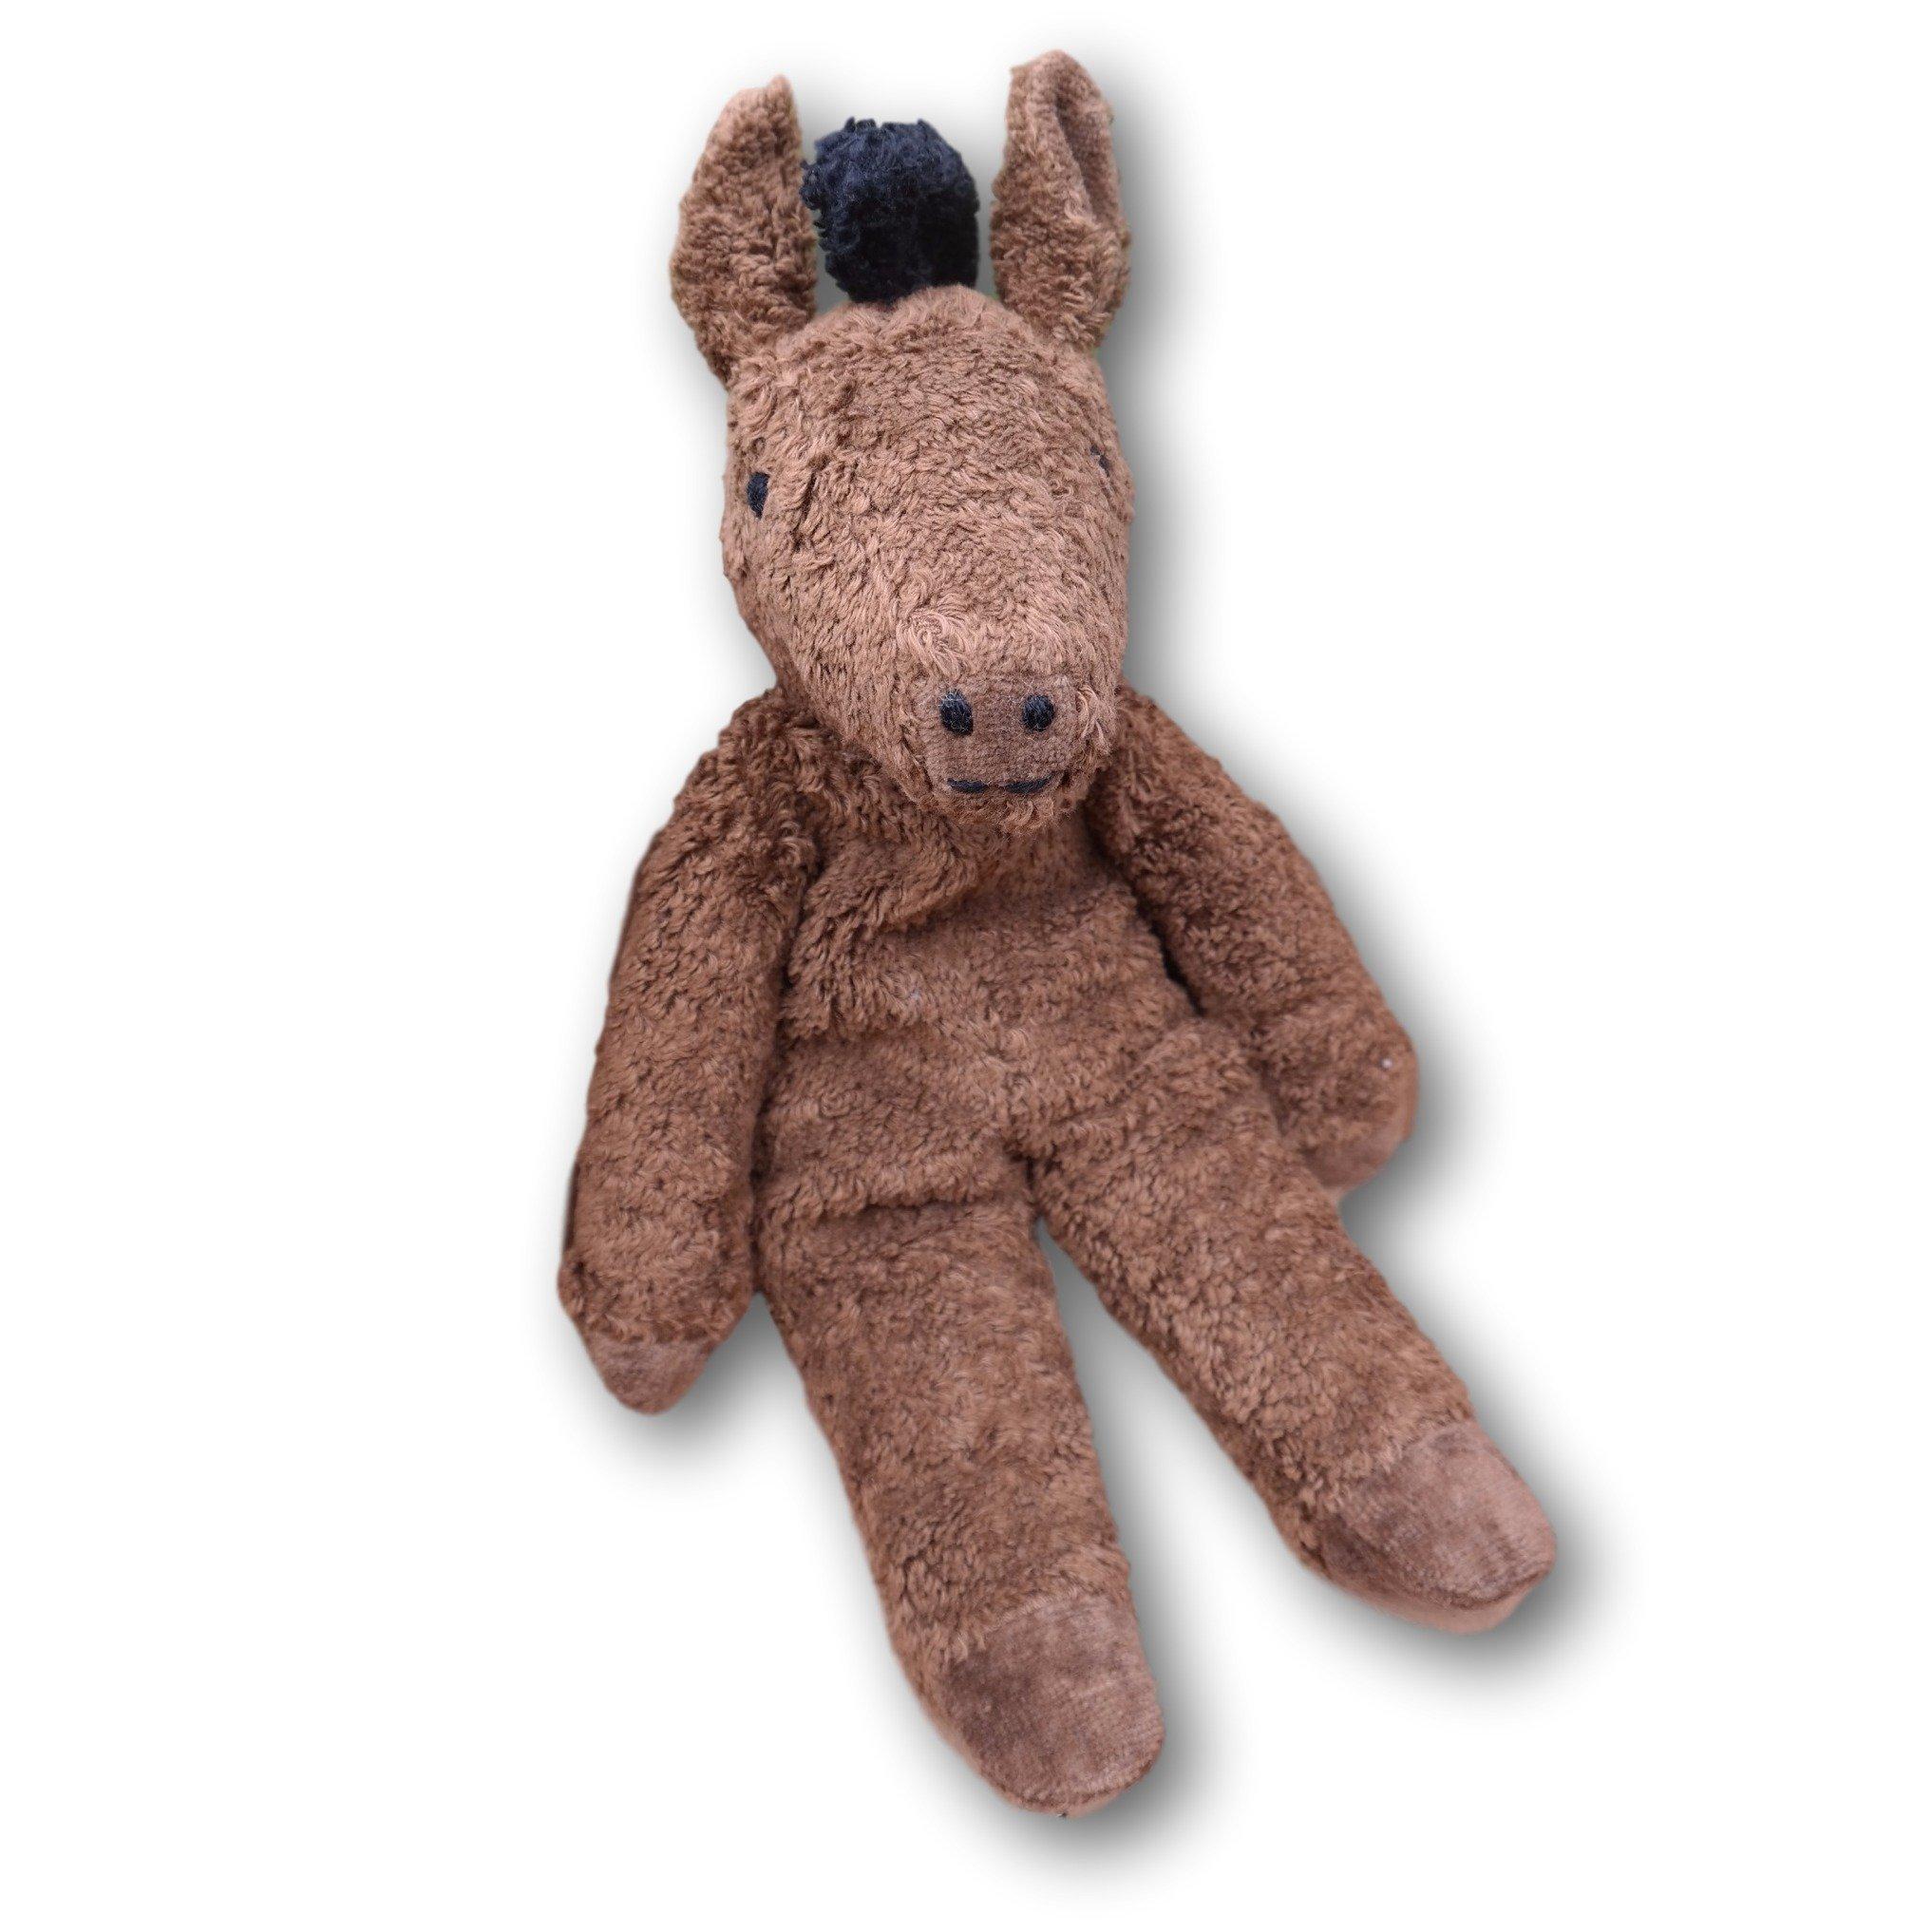 Senger Stuffed Animals - Organic Cotton Brown Horse 12'' by Senger Tierpuppen